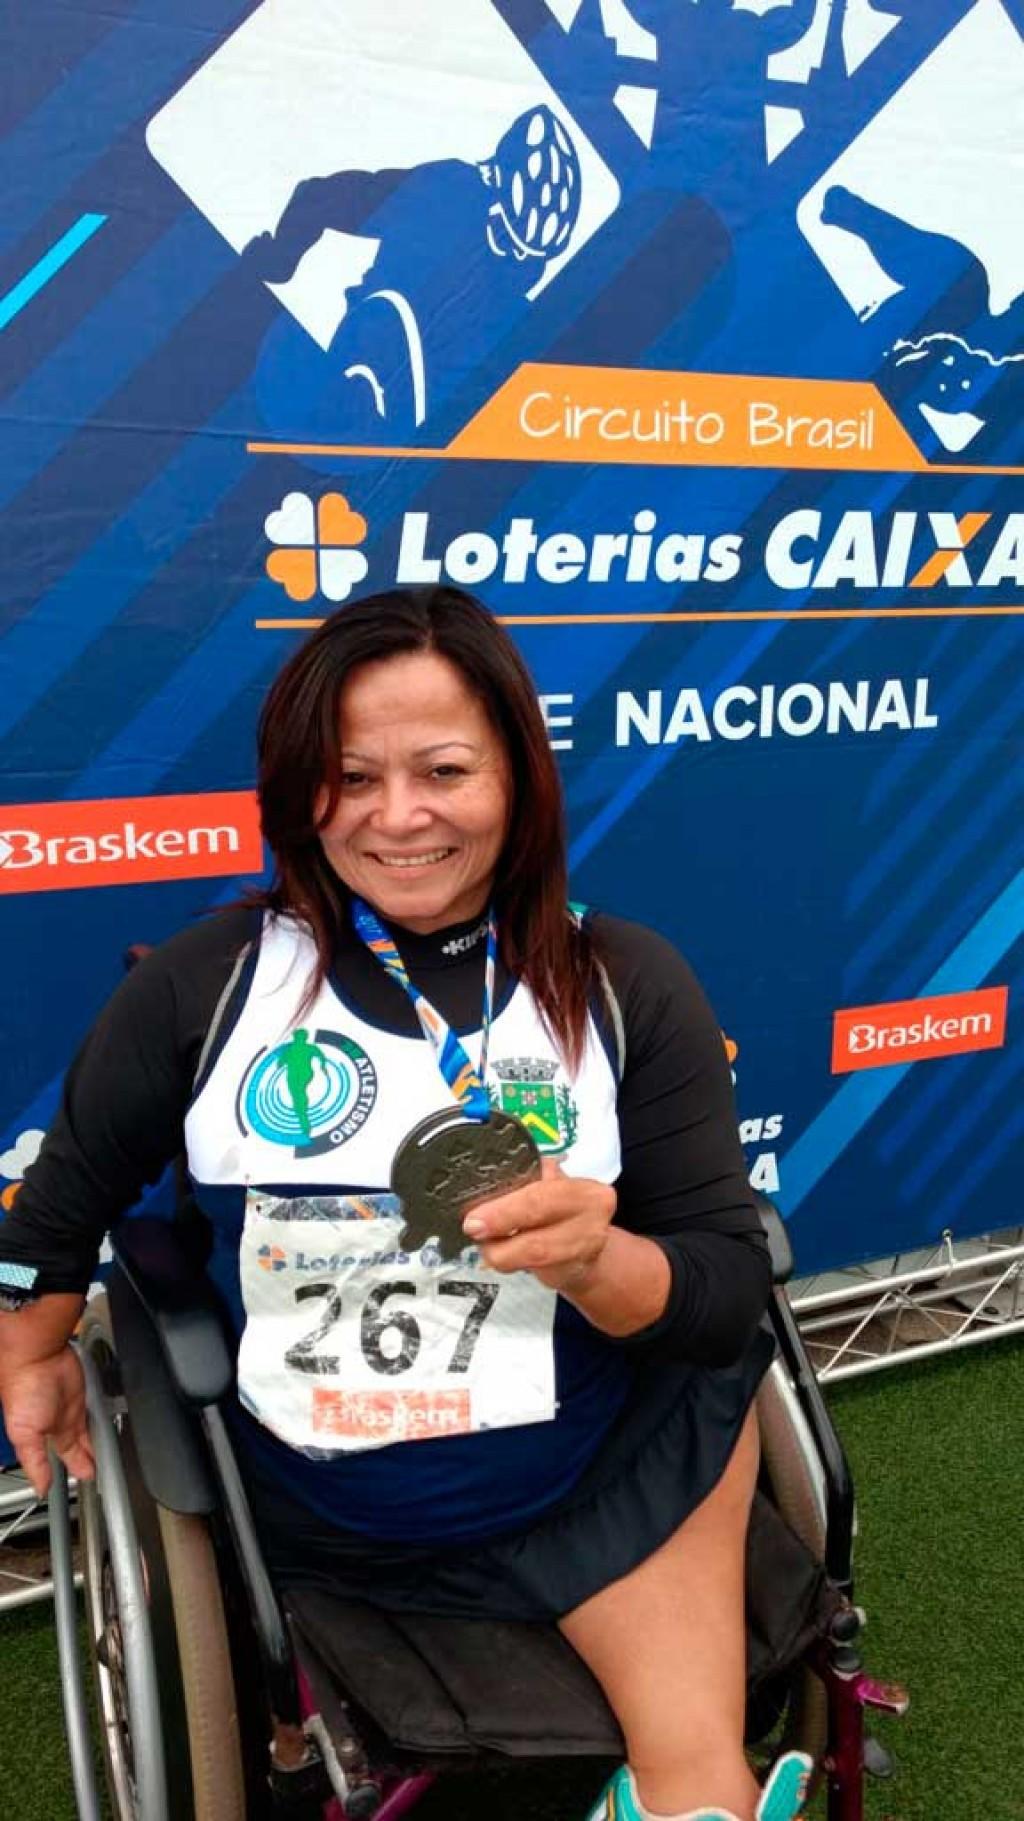 Esporte - Mary conquista duas medalhas em competição nacional